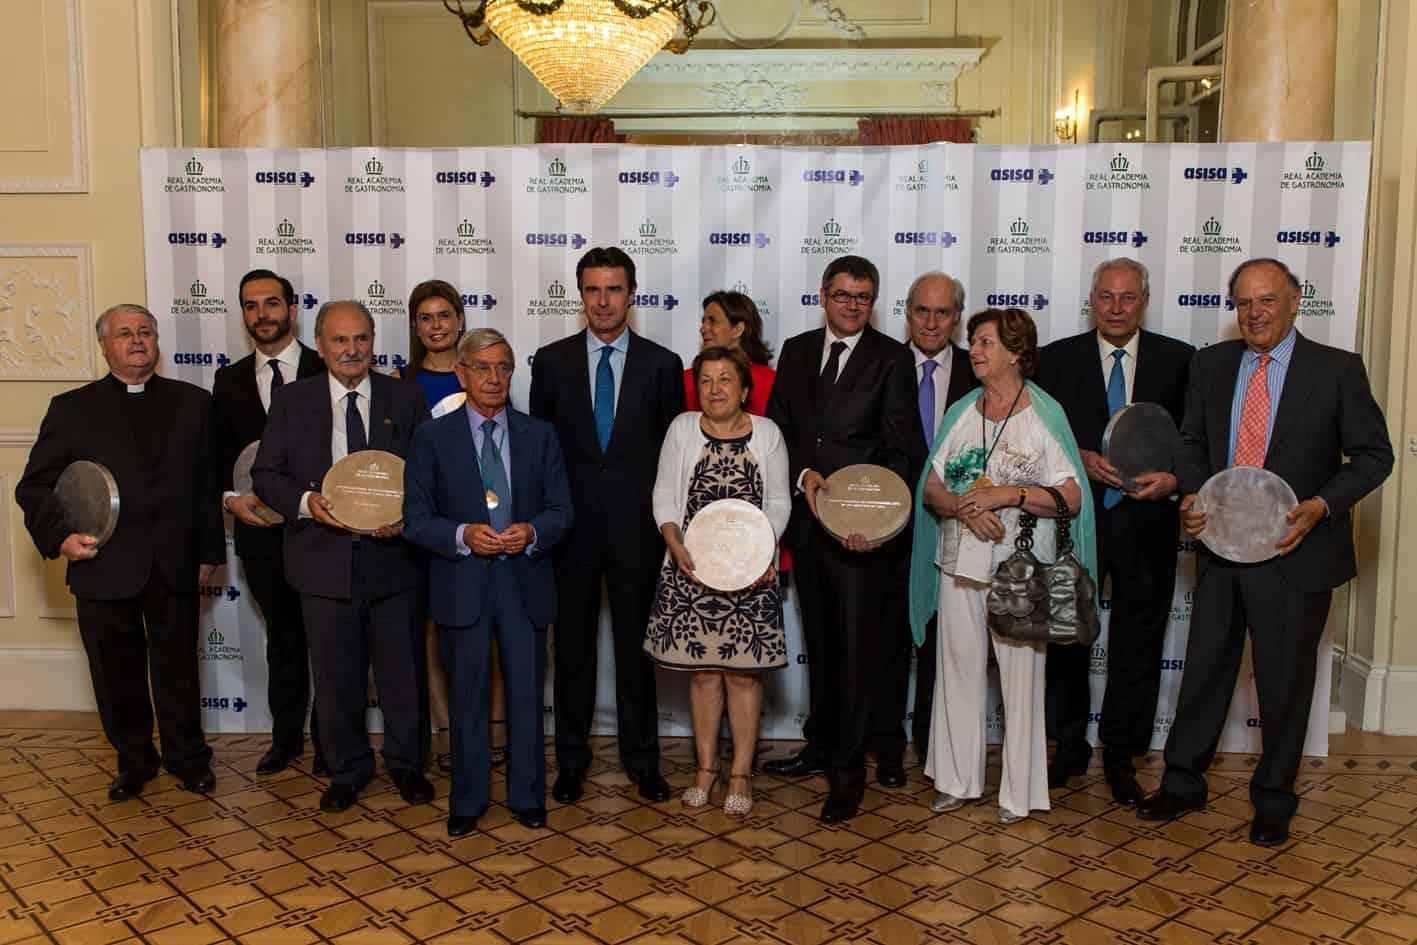 Se entregan los Premios Nacionales de Gastronomía 2013